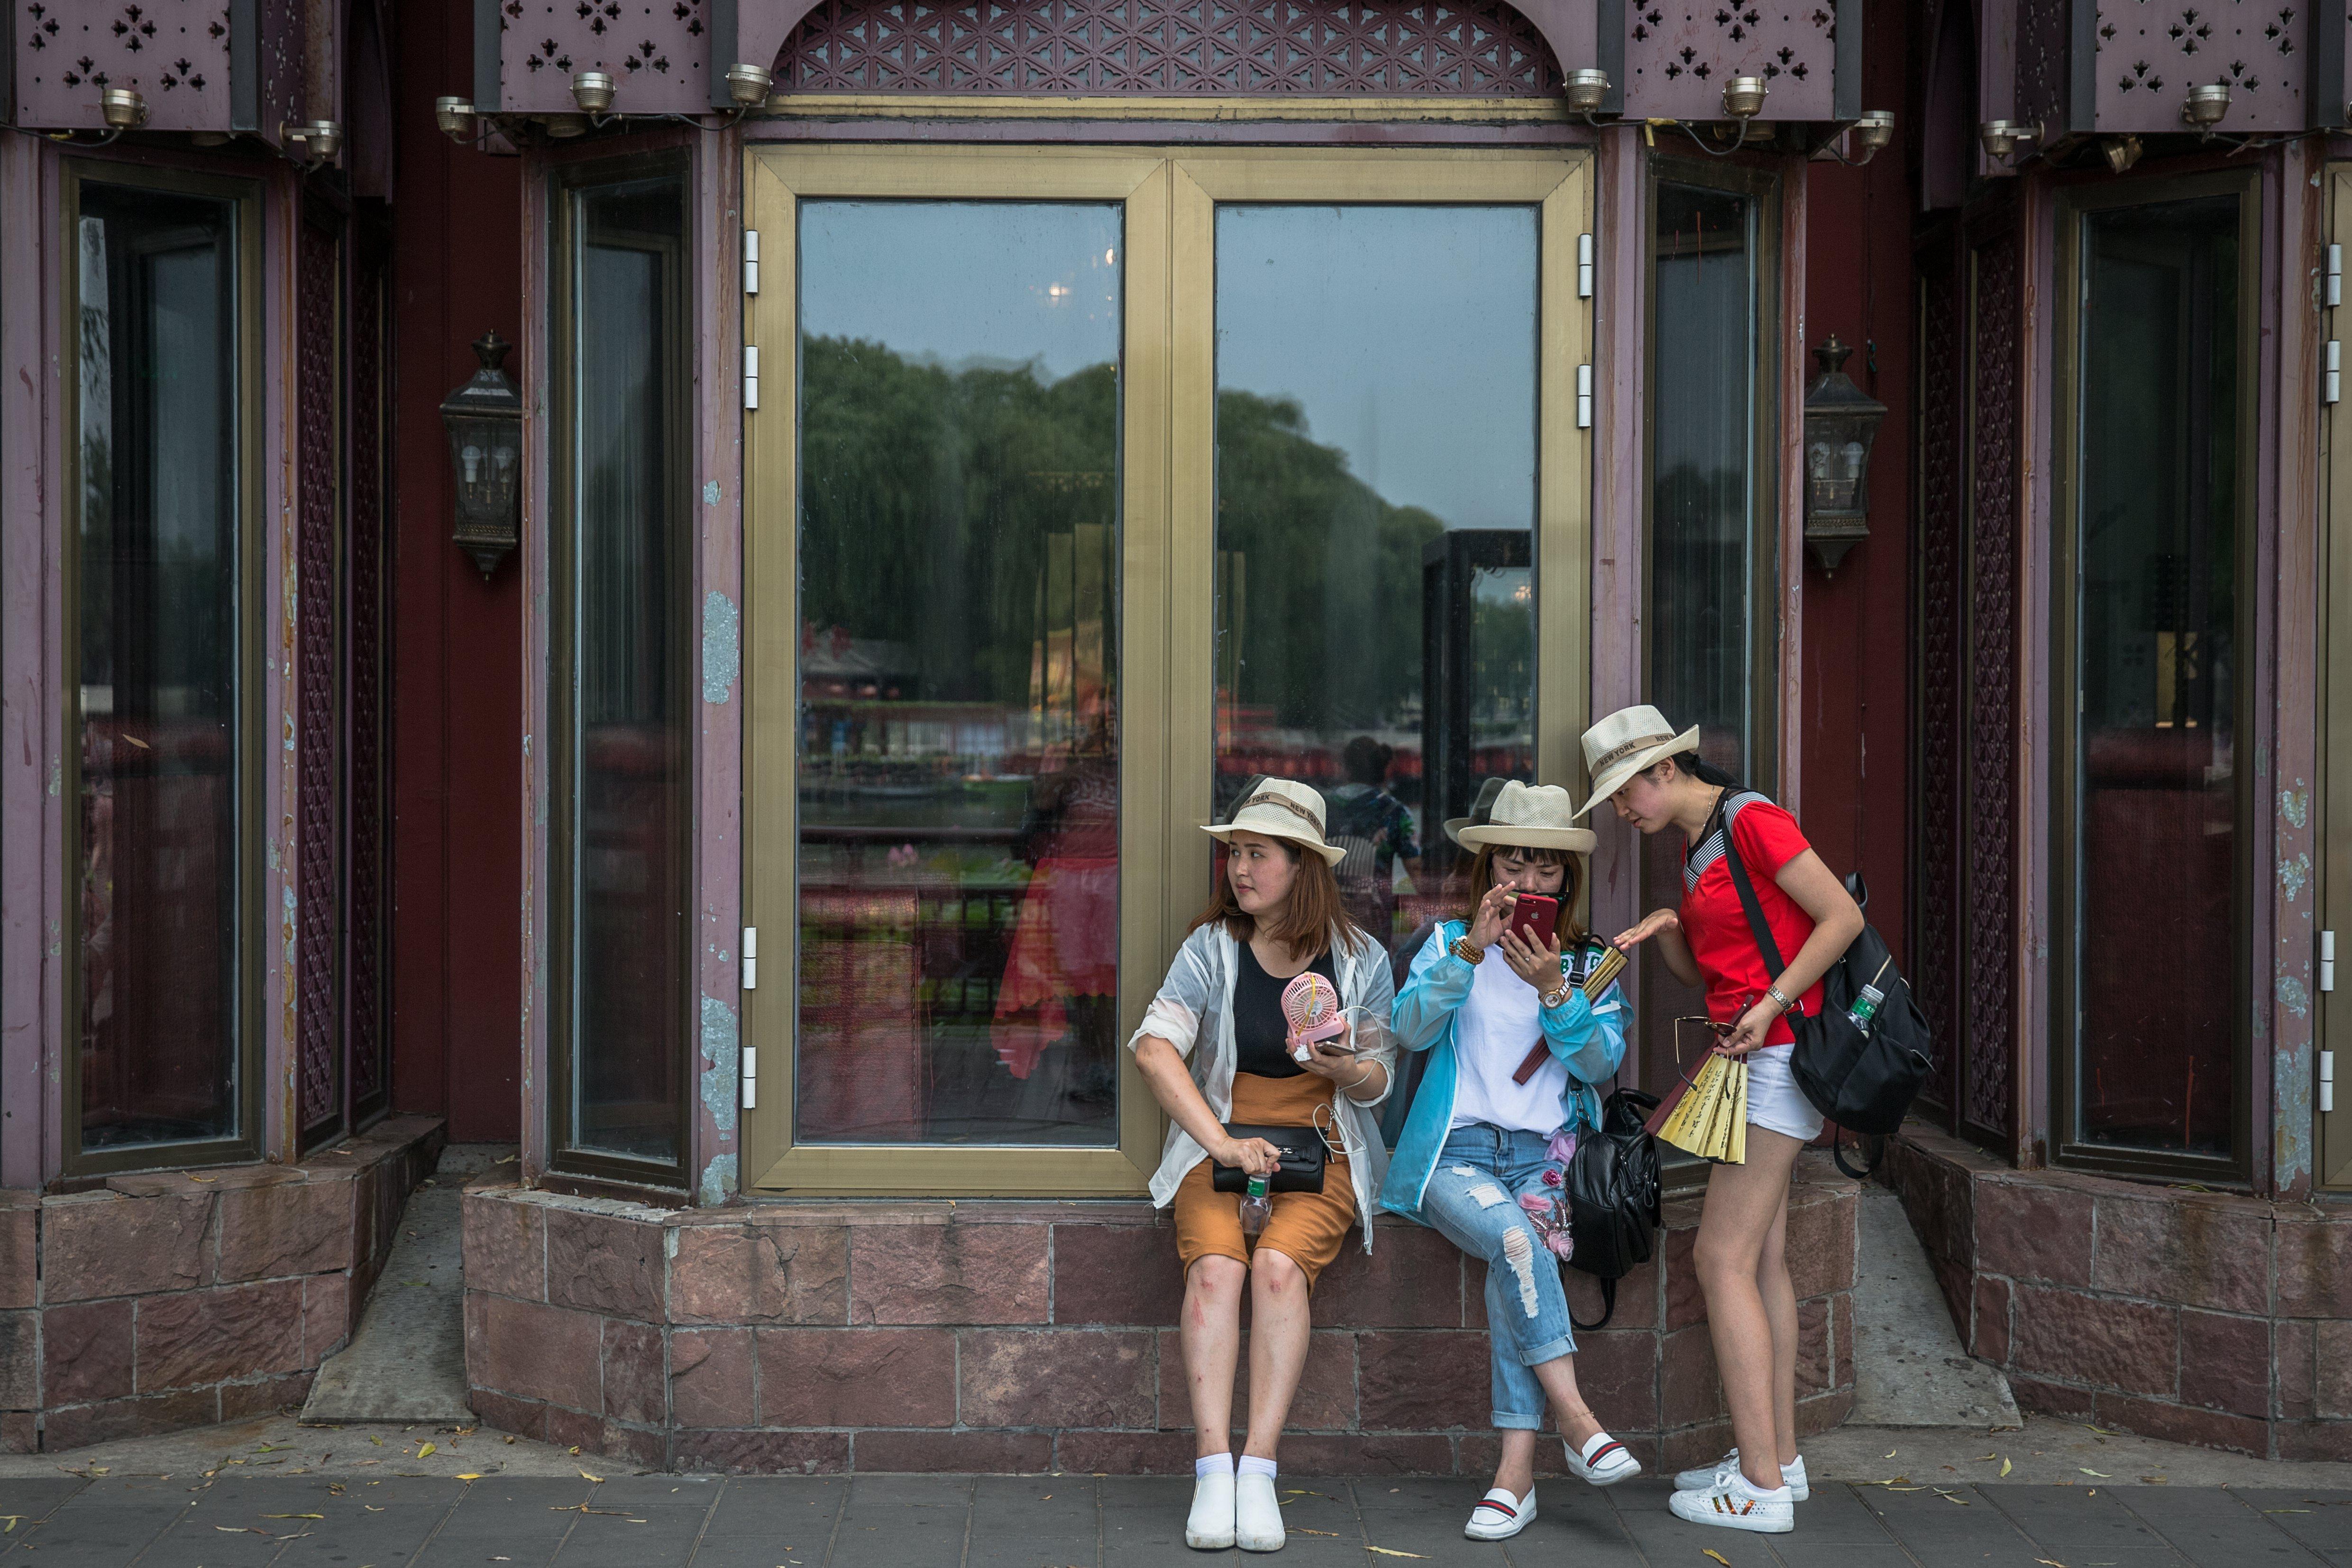 Diverses persones esperen l'autobús a Pequín (Xina) en el Dia Mundial de la Població. /ROMAN PILIPEY